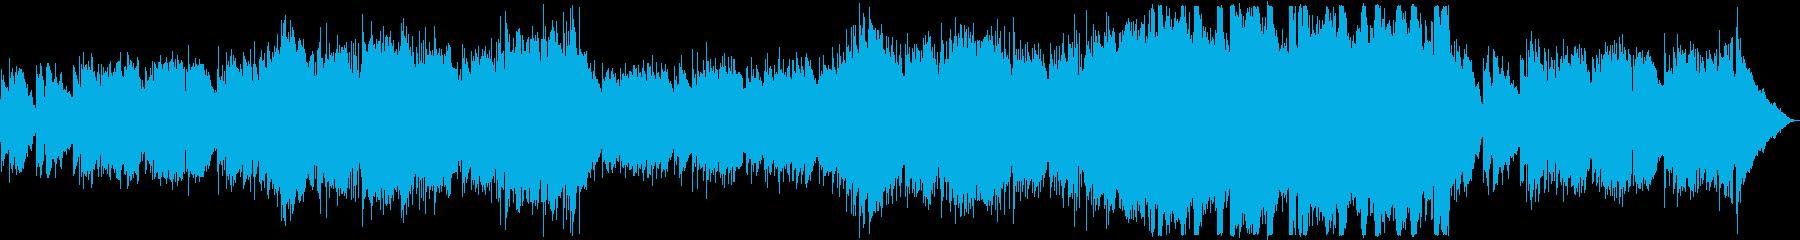 秋の夕暮れ・優しいフューチャーポップの再生済みの波形